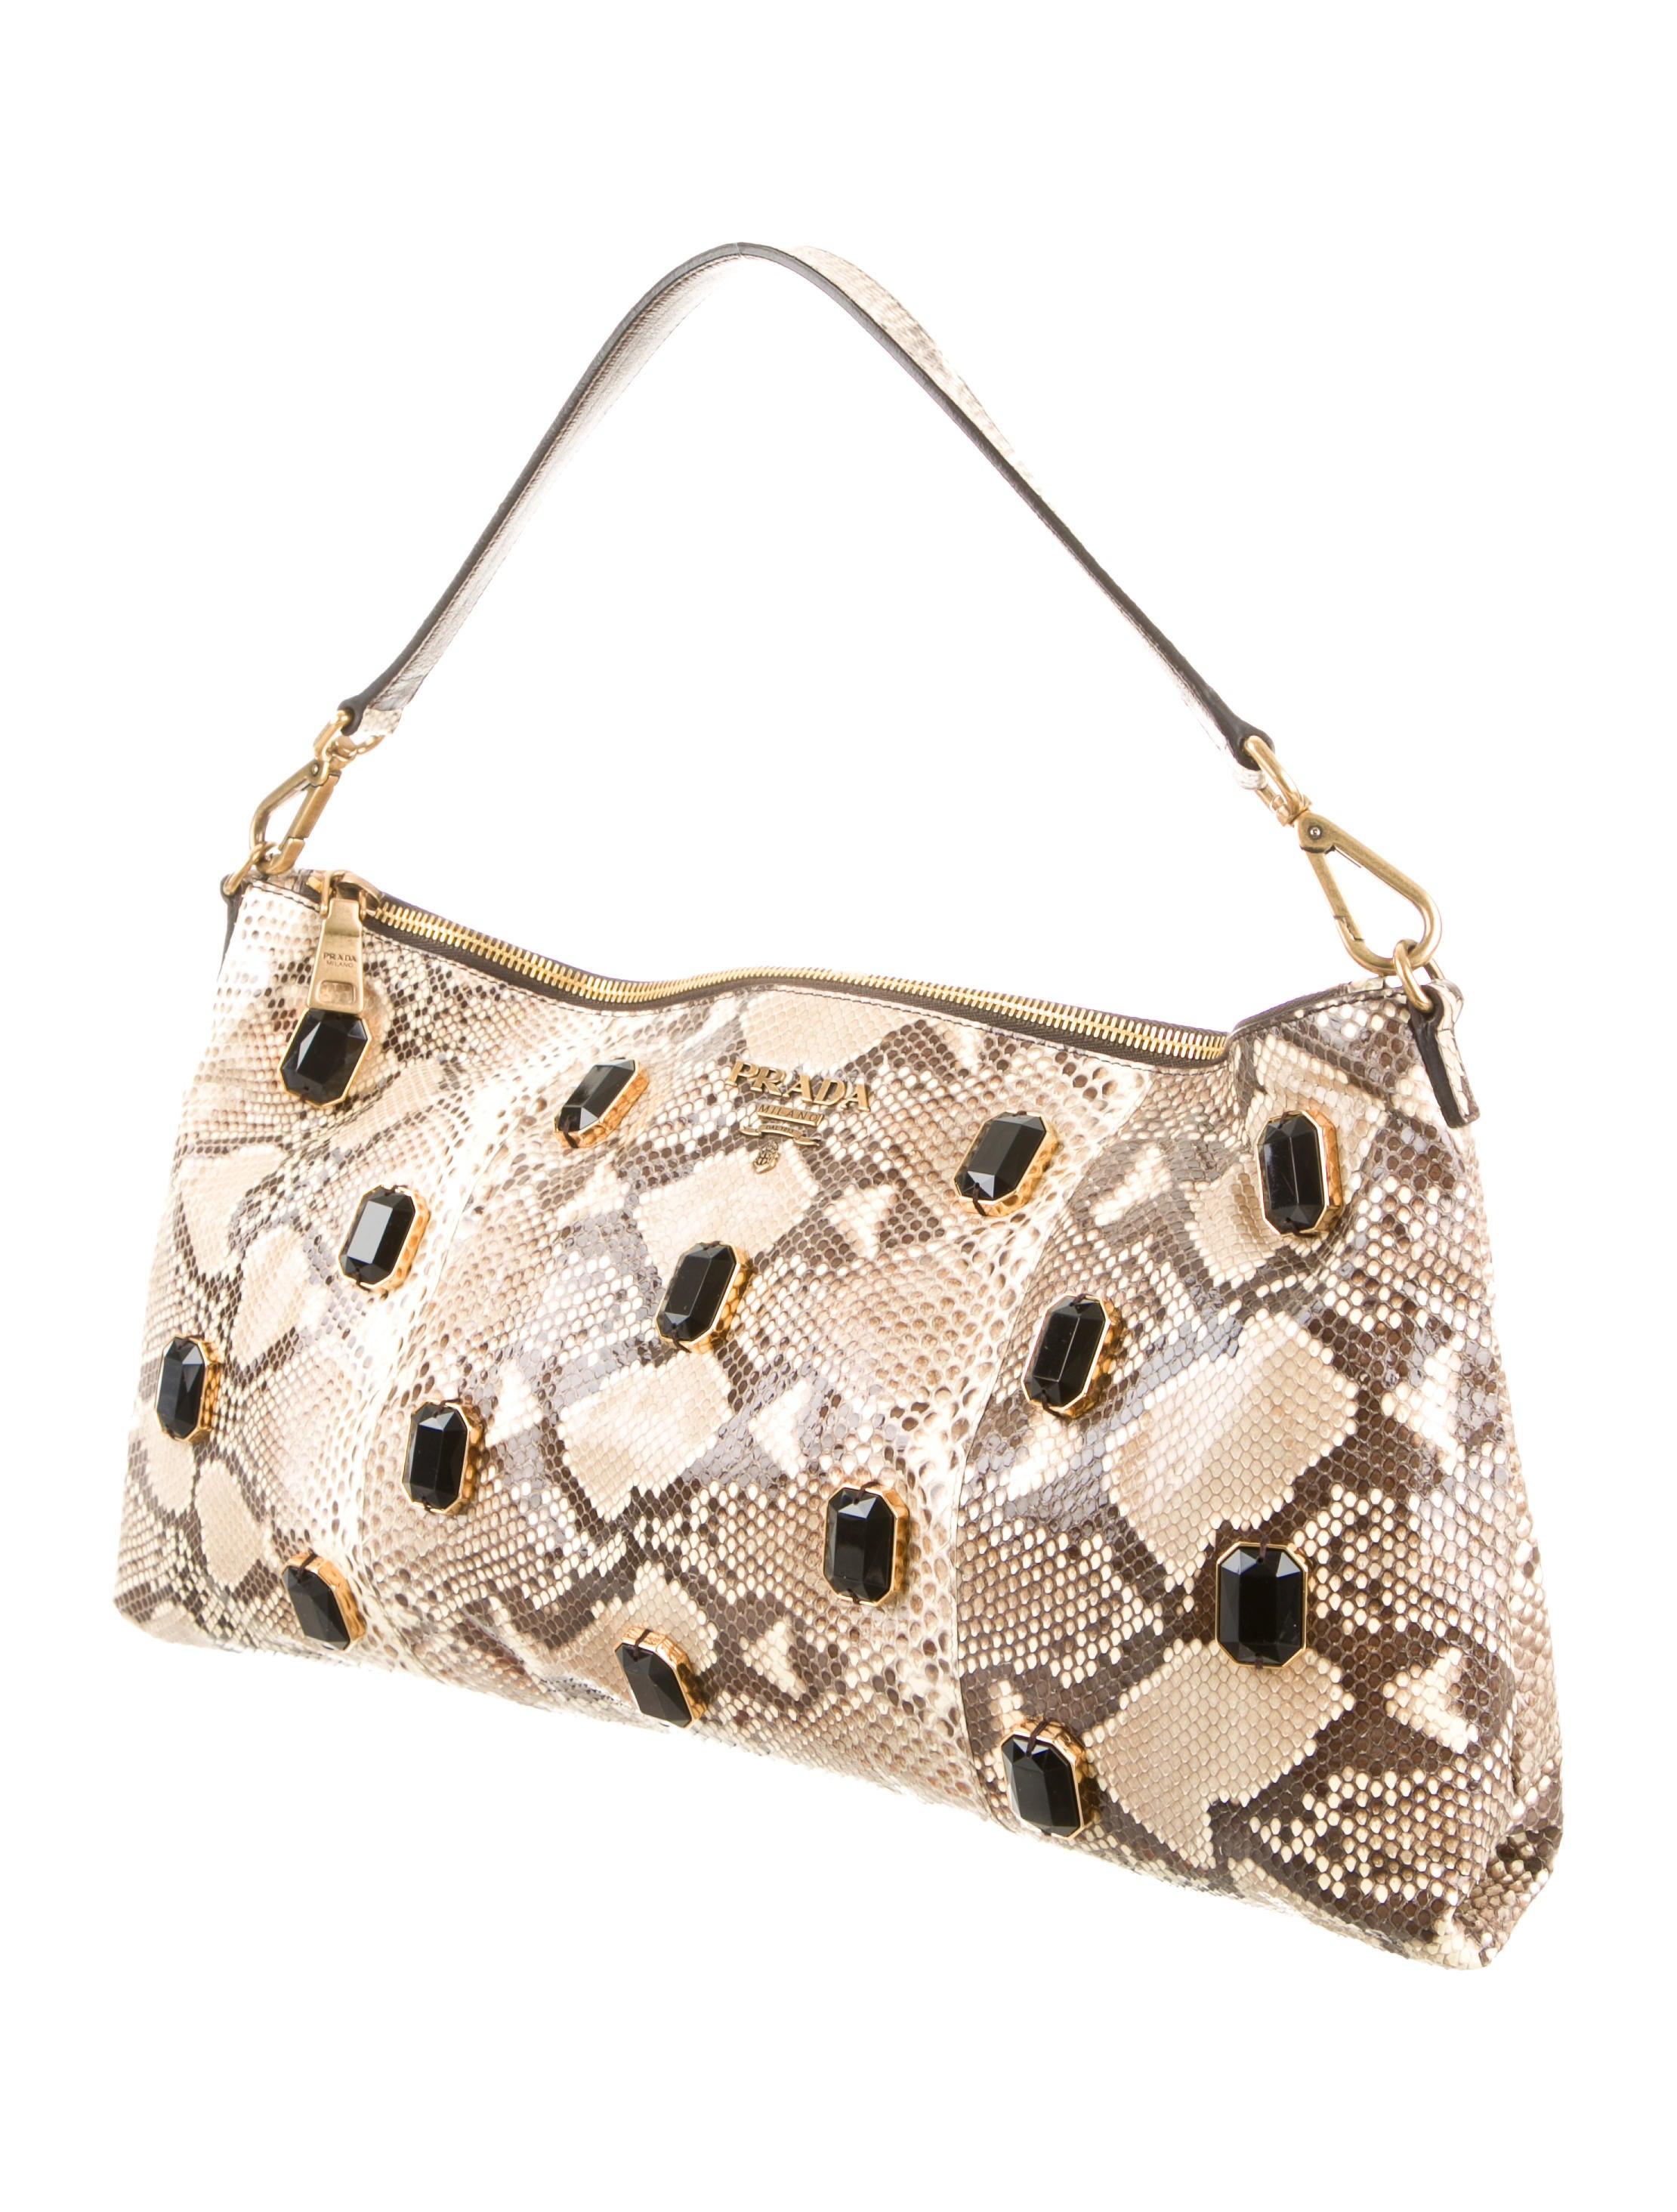 Prada Python Pietre Shoulder Bag - Handbags - PRA73621 | The RealReal